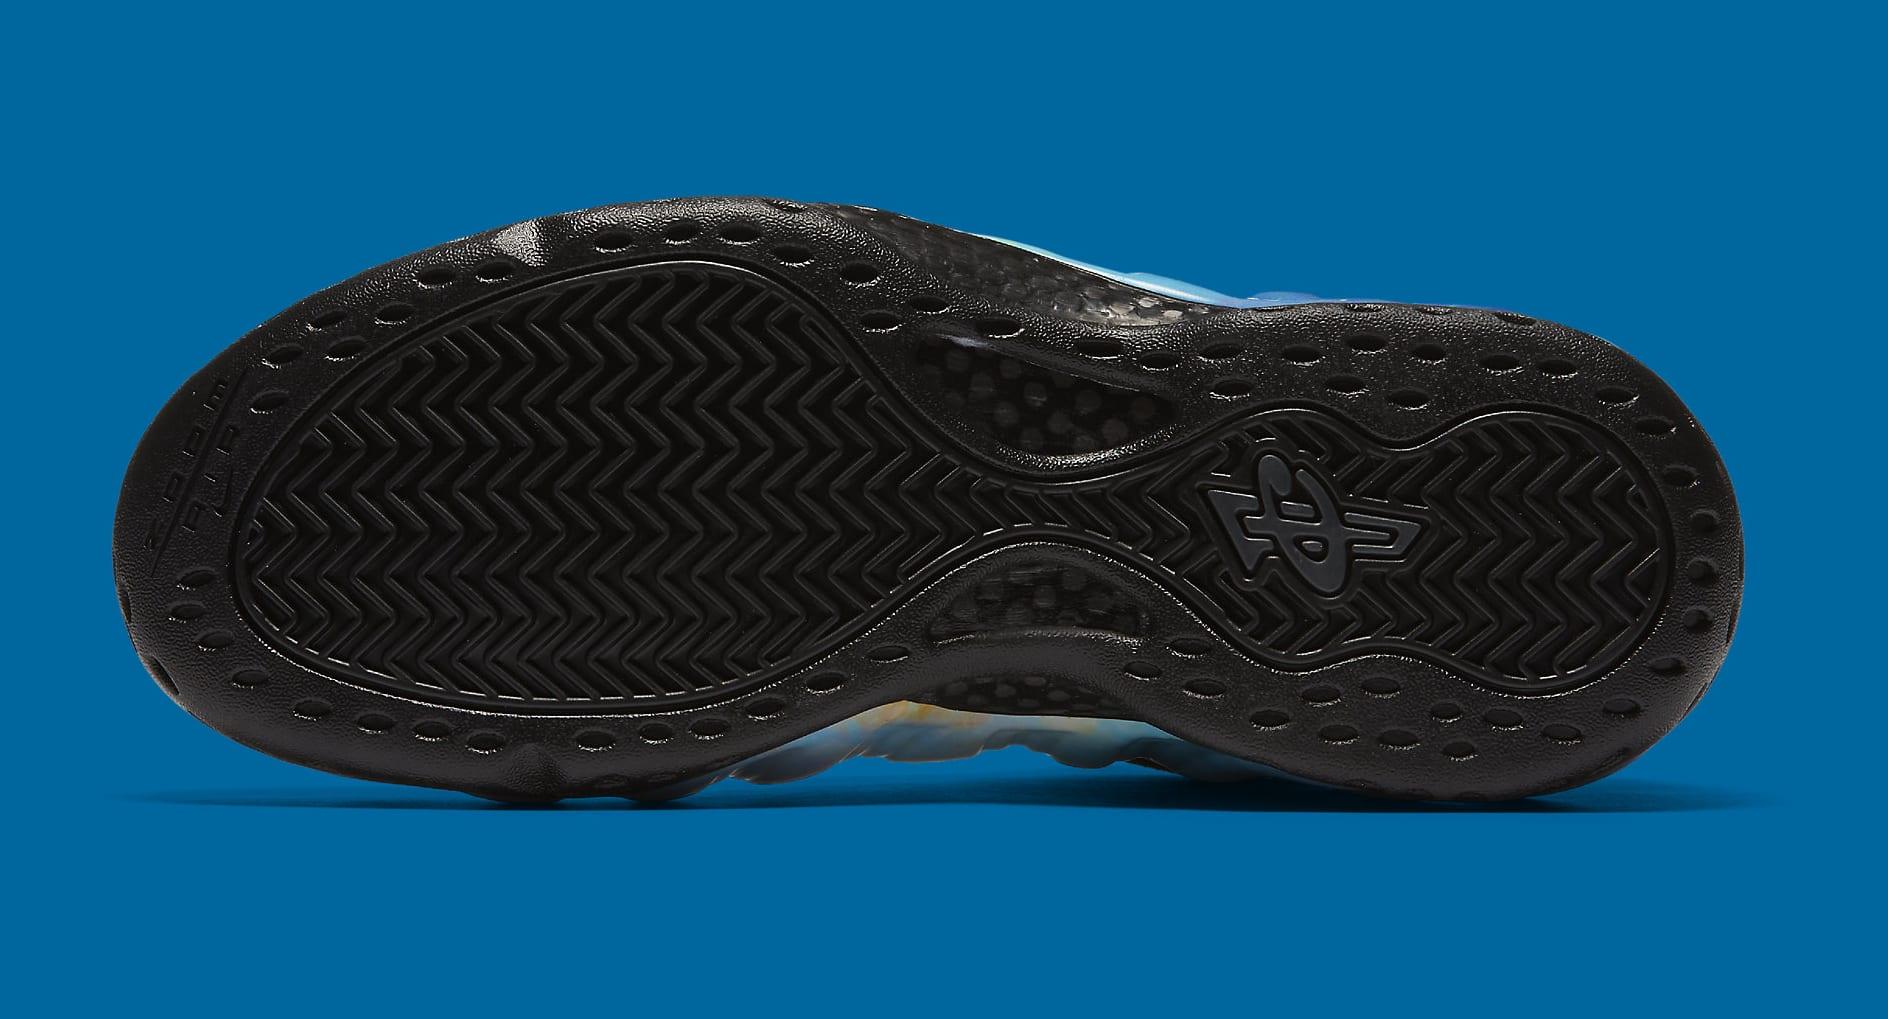 Nike Air Foamposite One 'Galaxy' 2 AR3771-800 (Bottom)